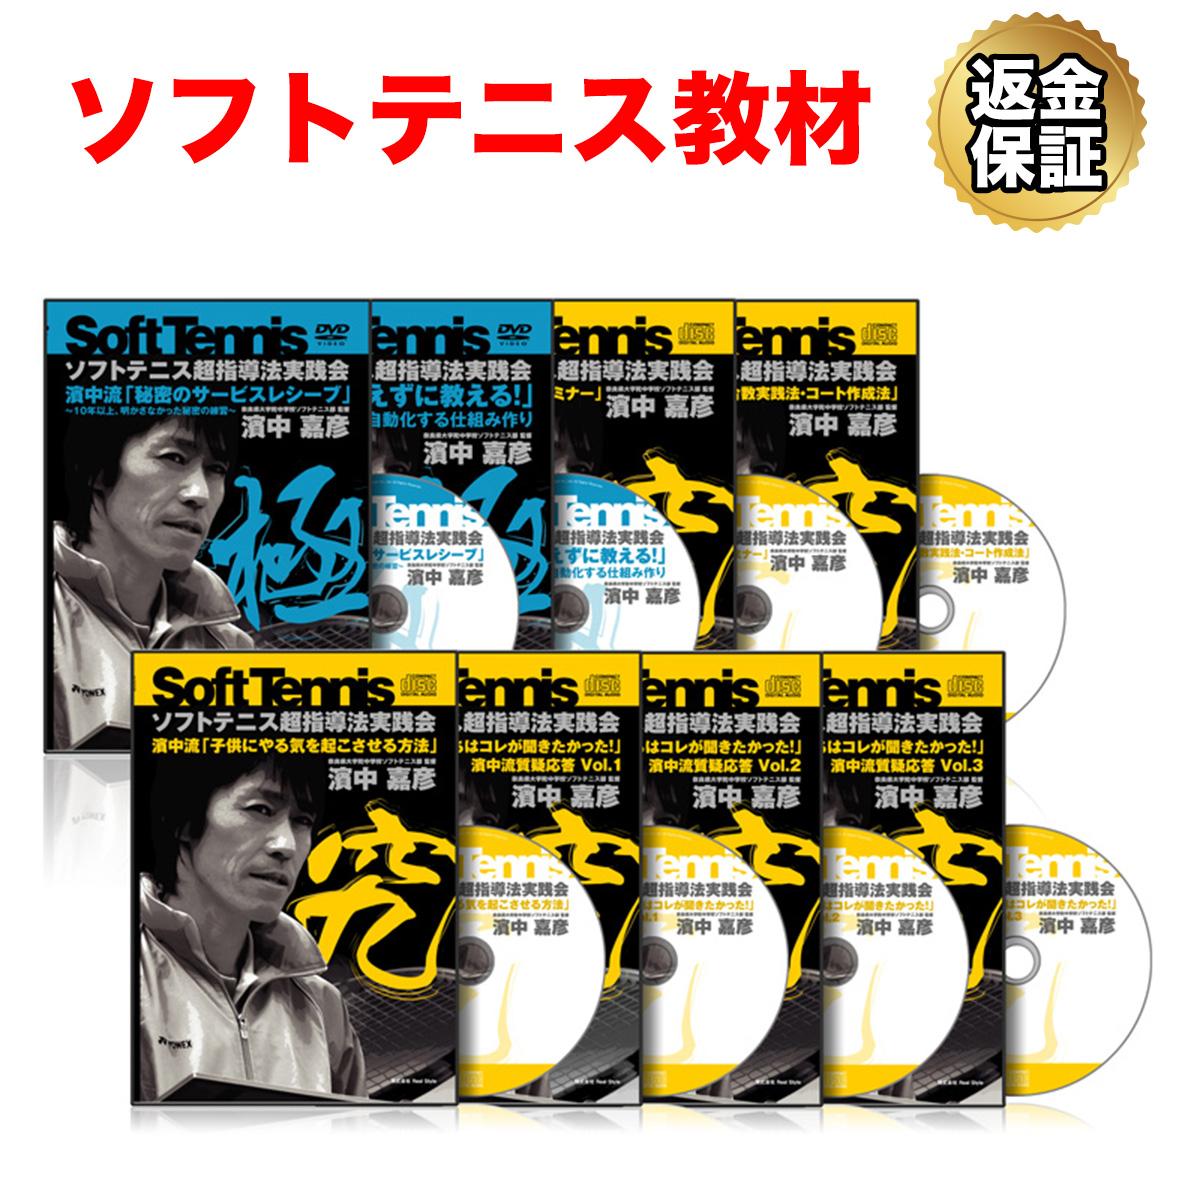 【ソフトテニス】濱中流「真の指導者養成コース」